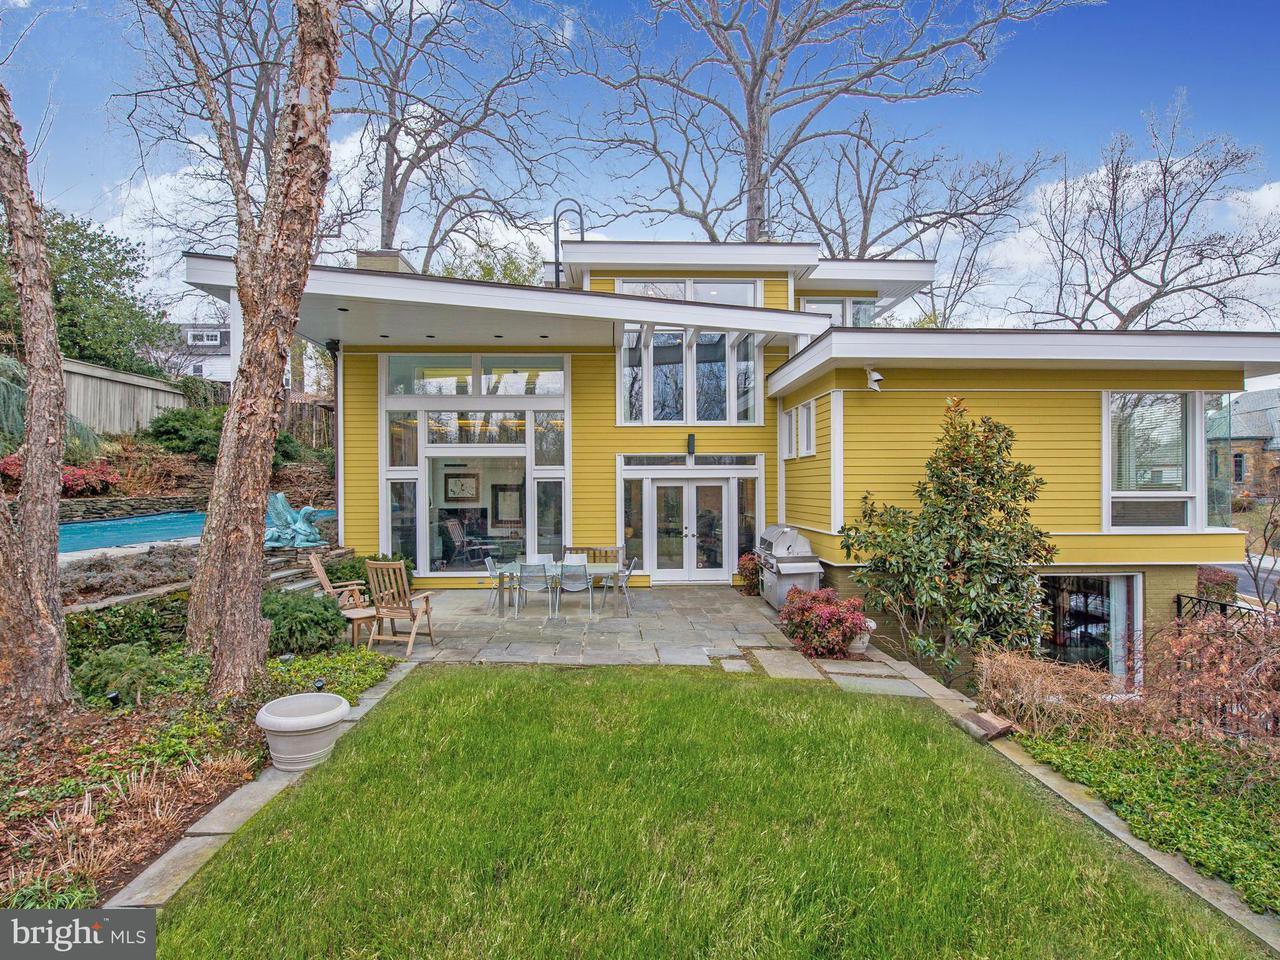 Casa Unifamiliar por un Venta en 3204 Rowland Pl Nw 3204 Rowland Pl Nw Washington, Distrito De Columbia 20008 Estados Unidos